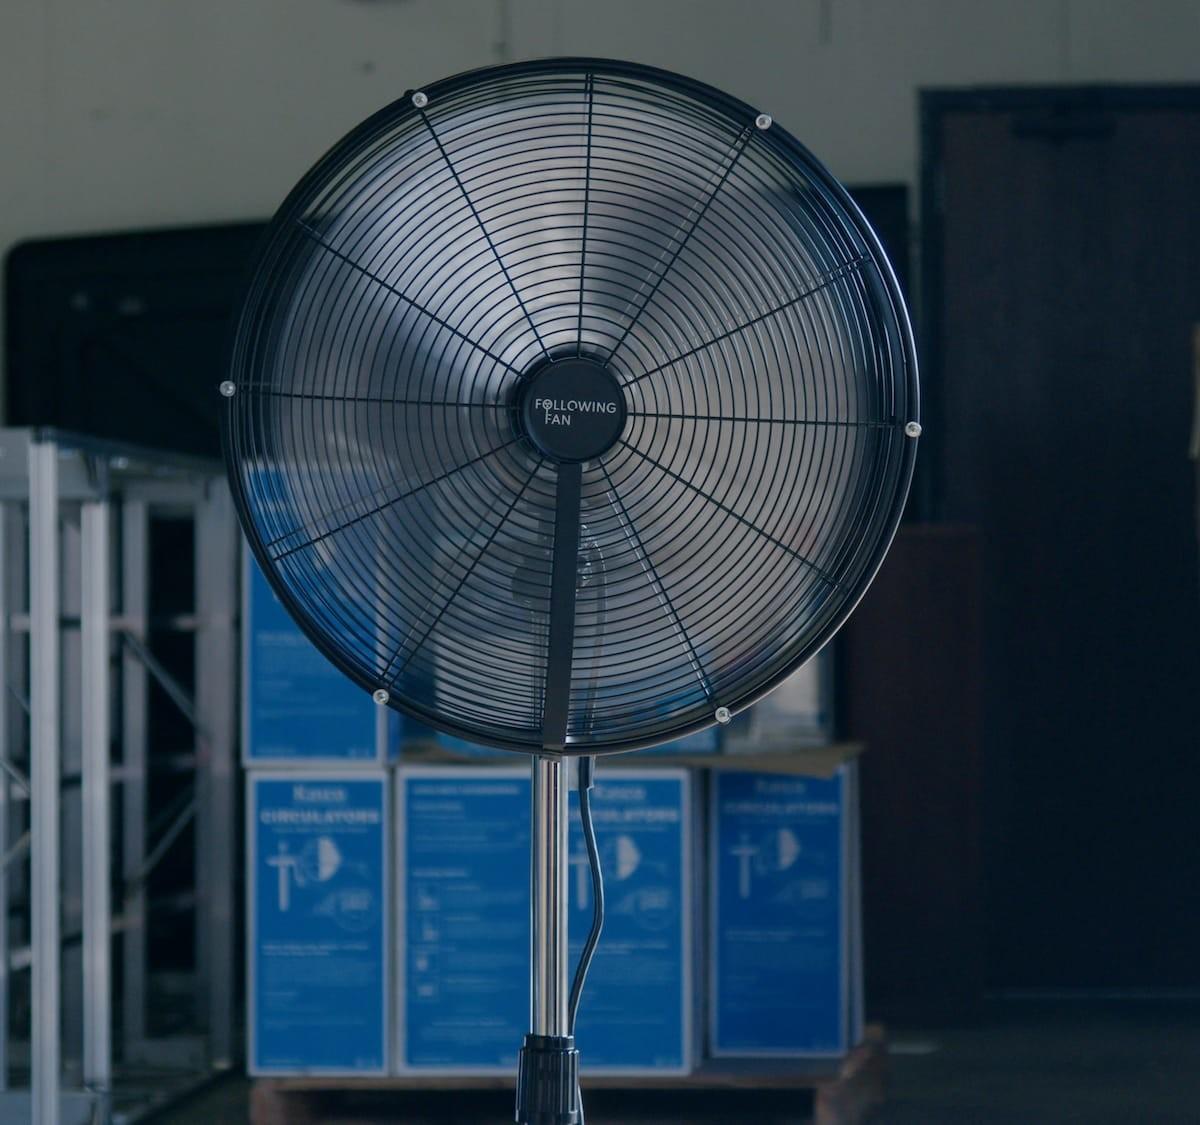 Following Fan is a person-tracking smart fan